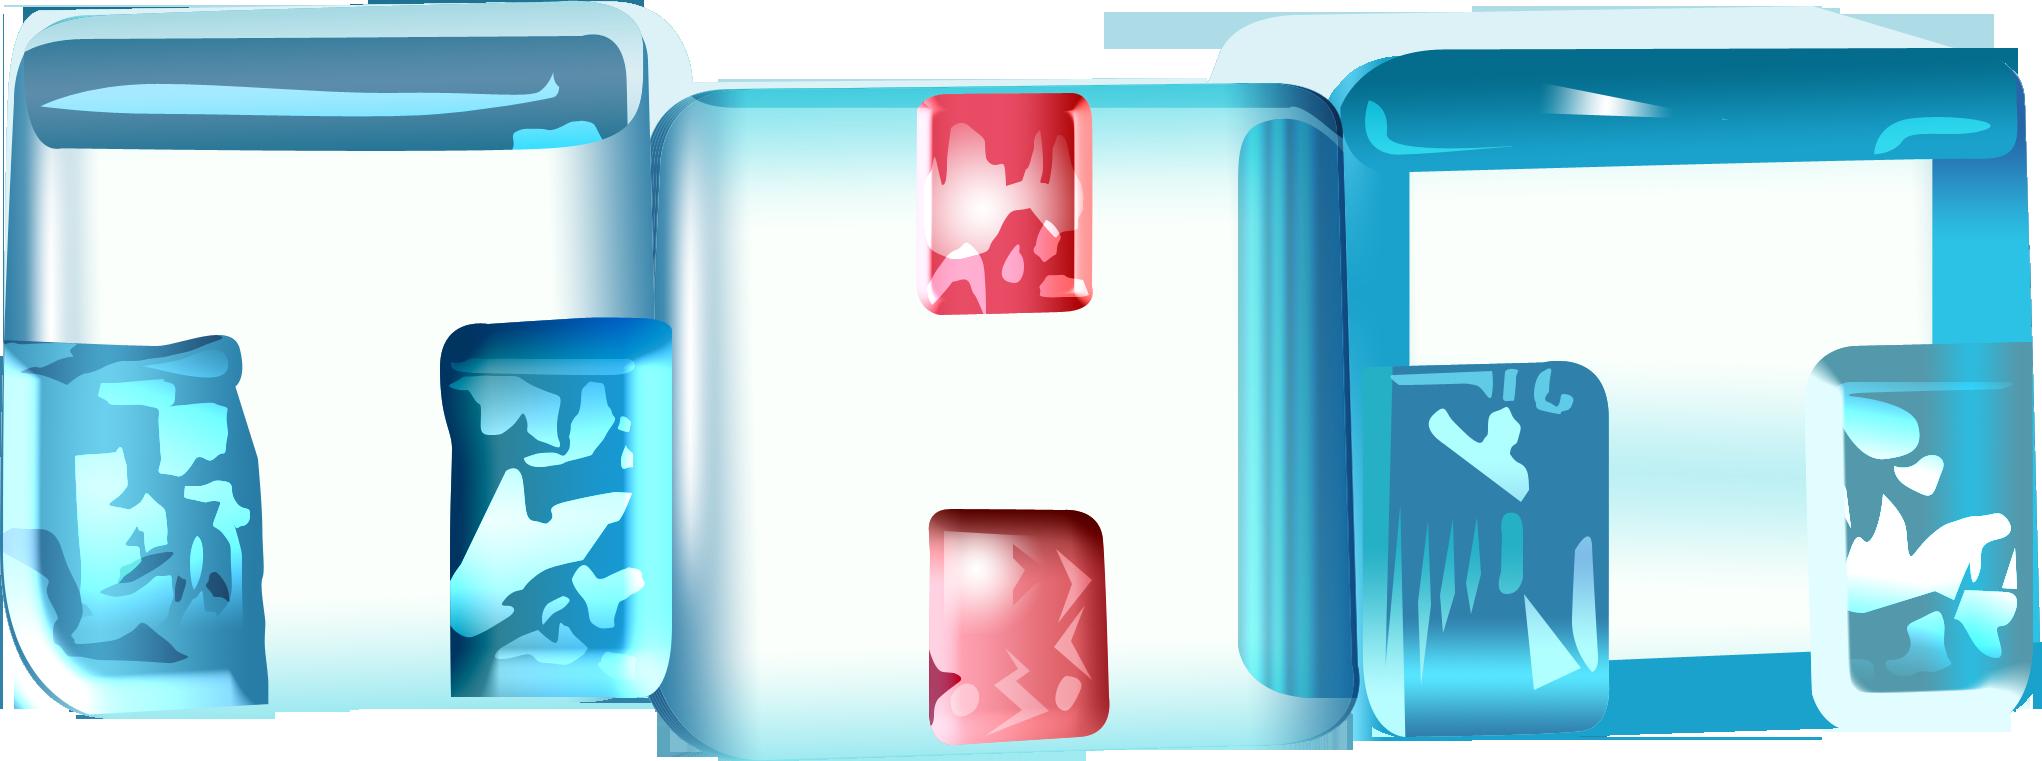 ТНТ (2006-2007, новогодний)